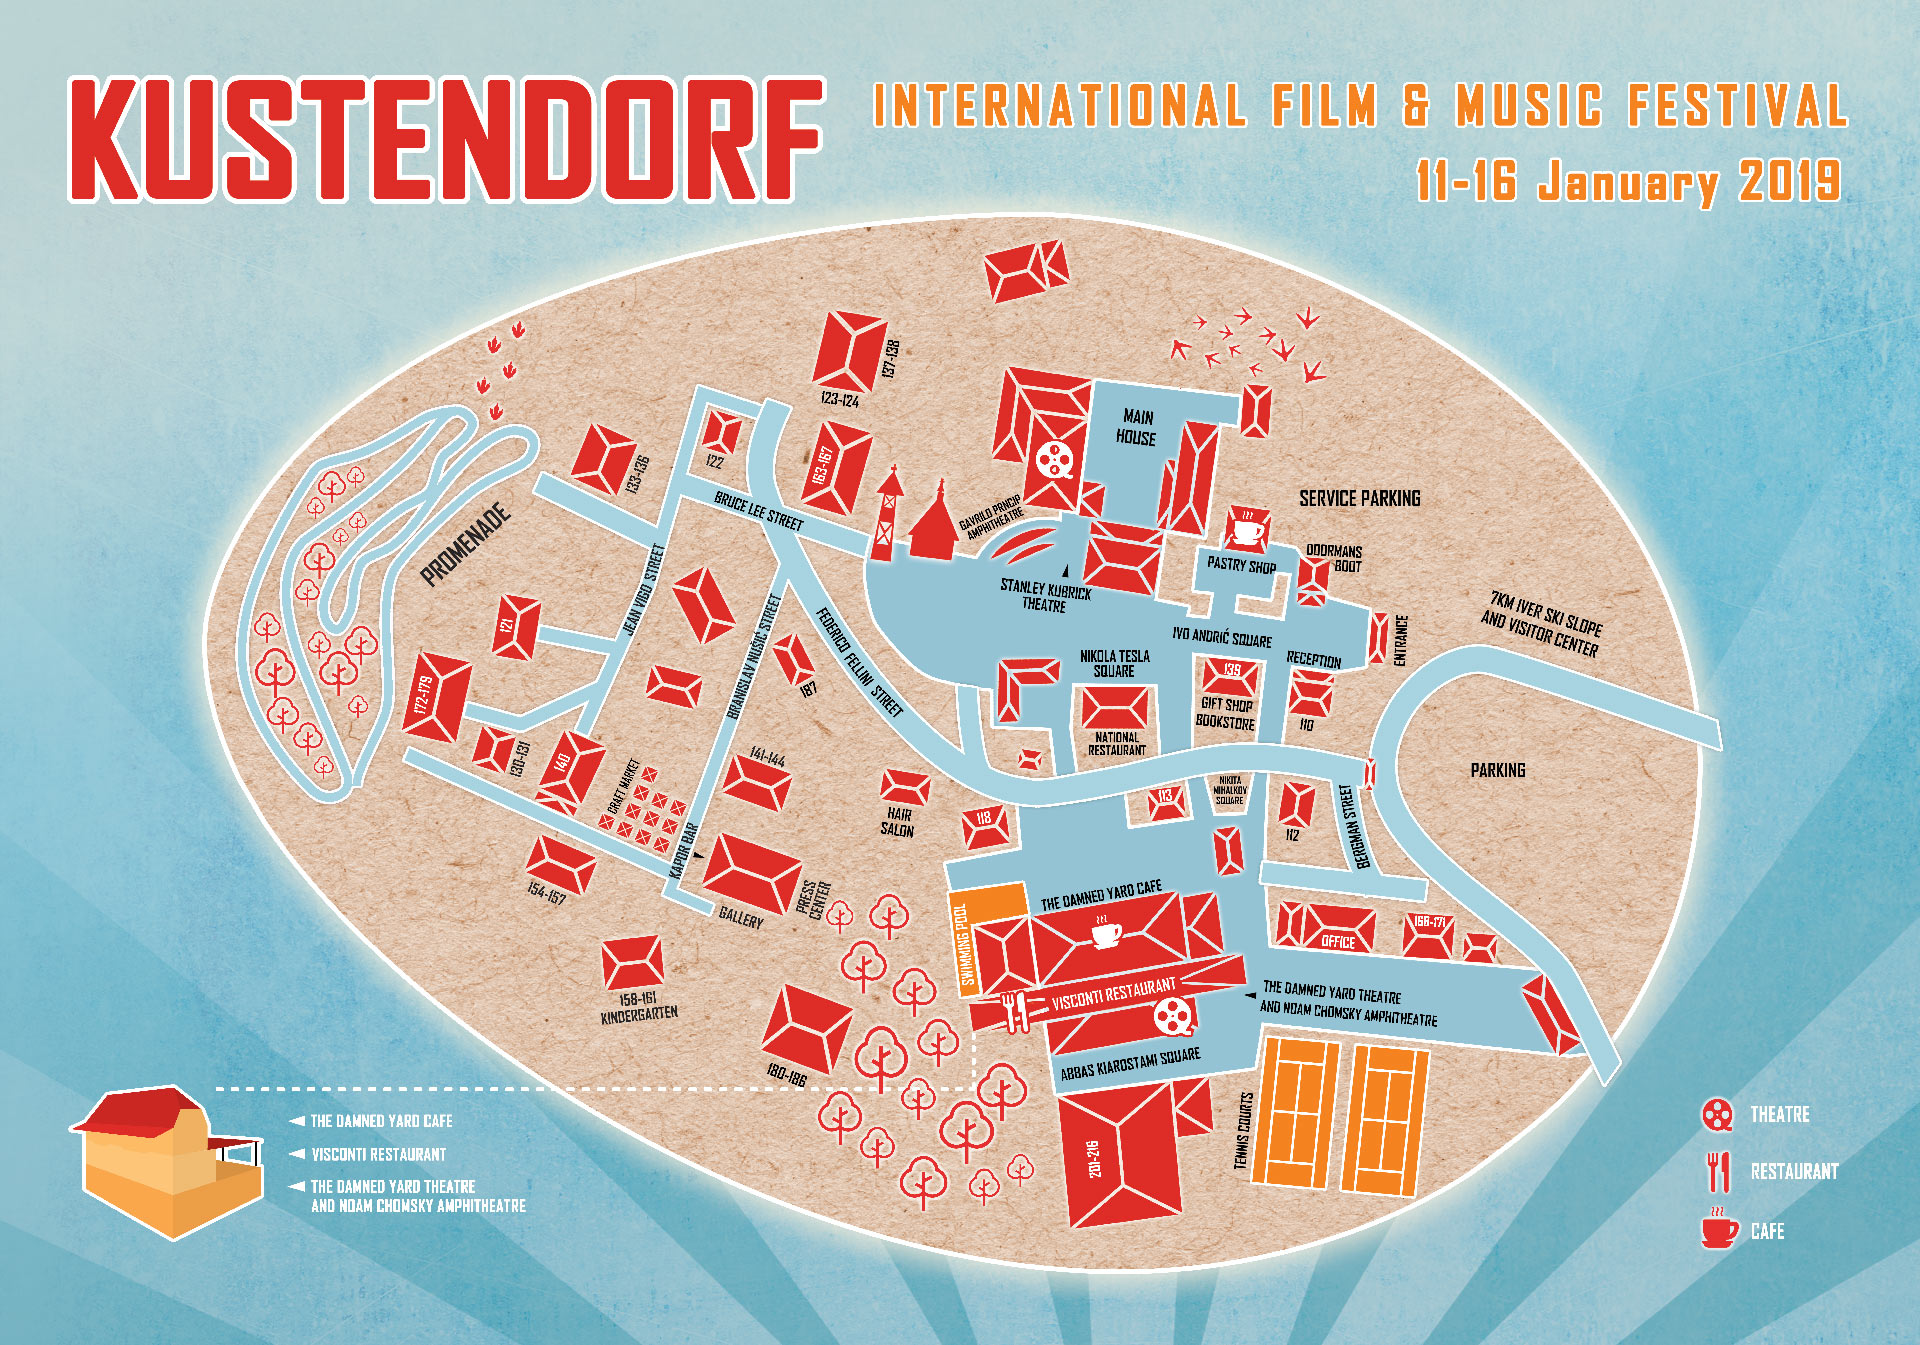 kustendorf map 2019